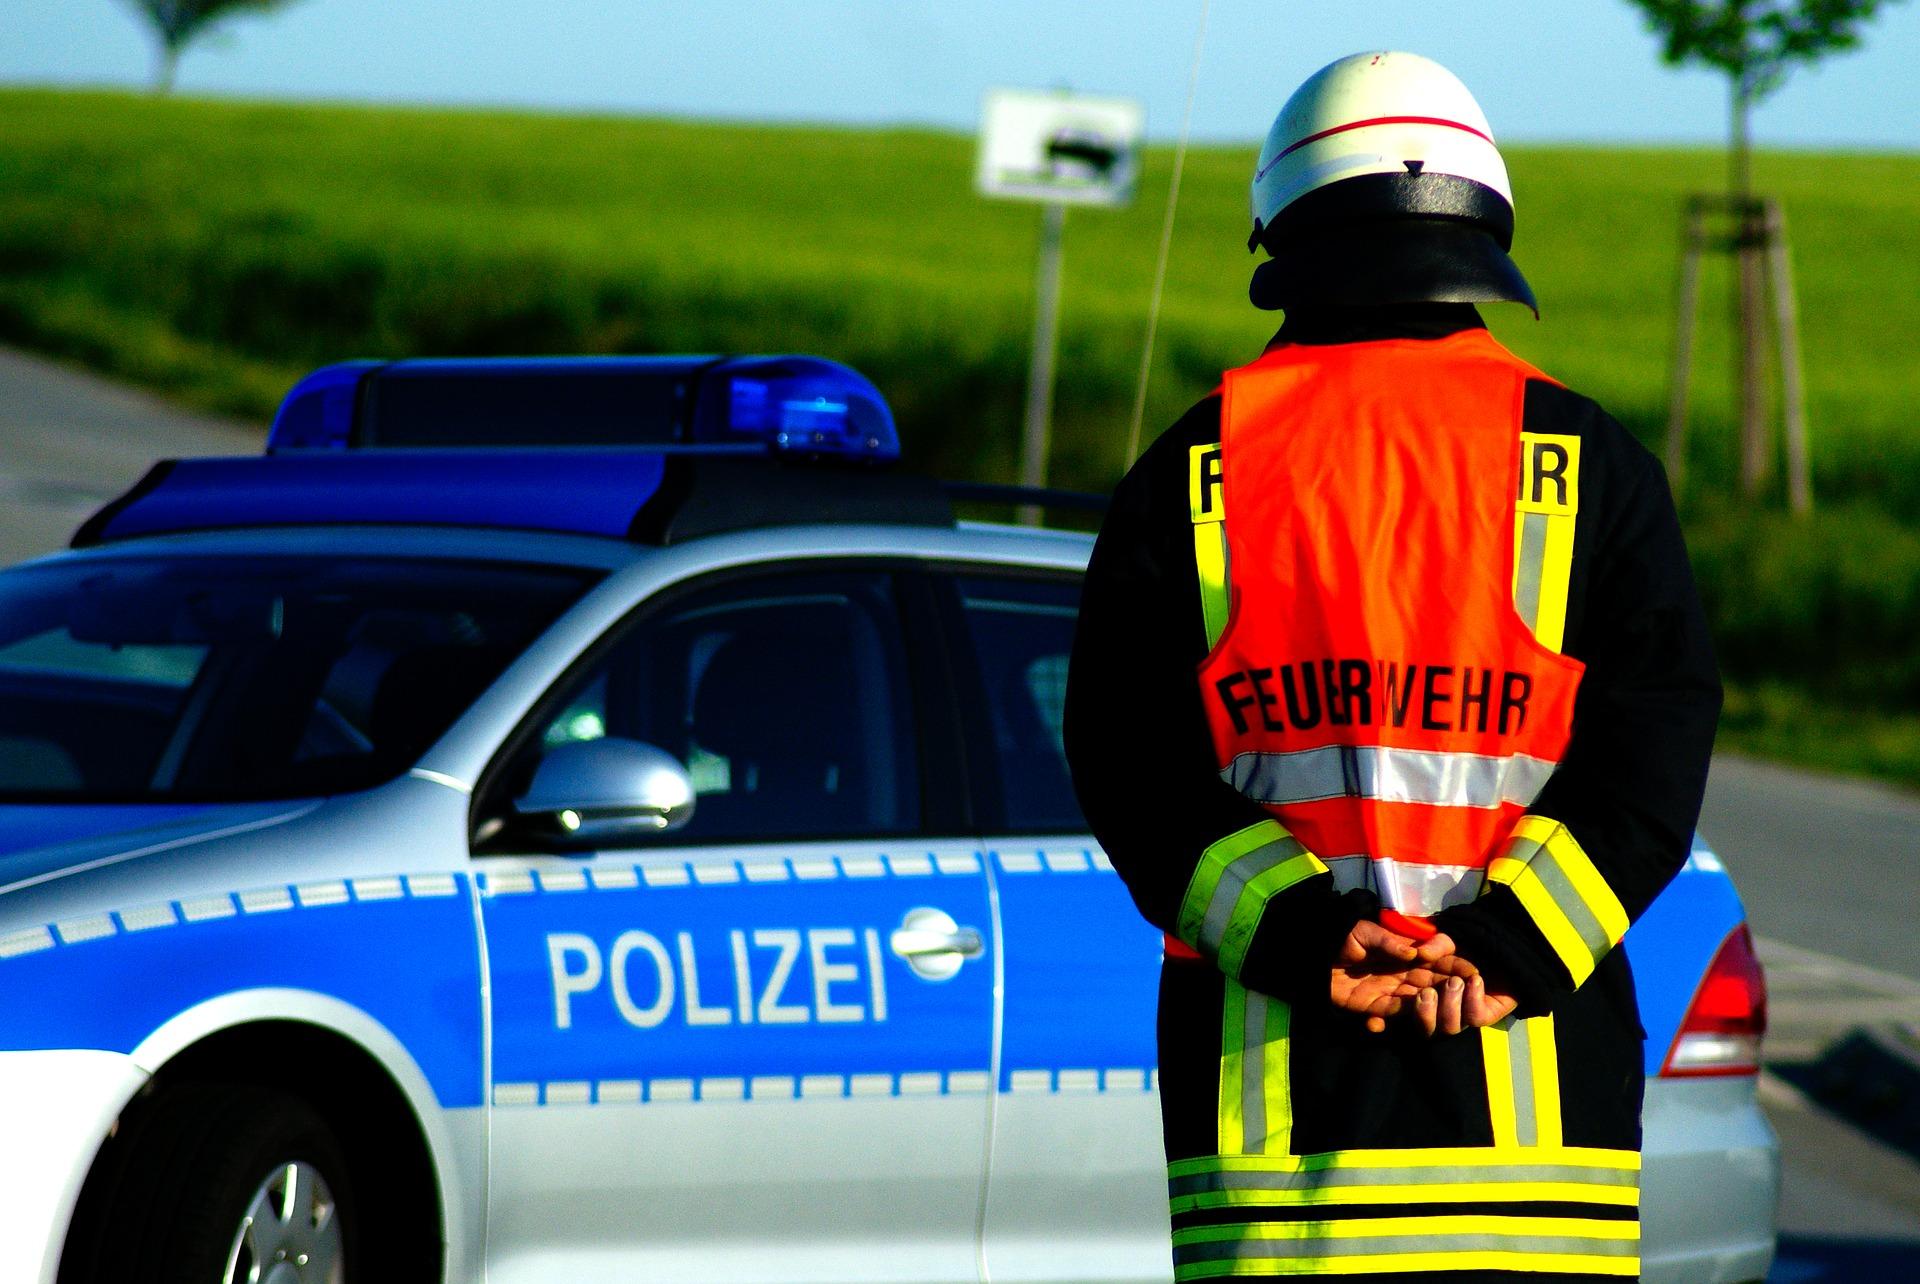 Symbolbild - Feuerwehreinsatz mit Polizei